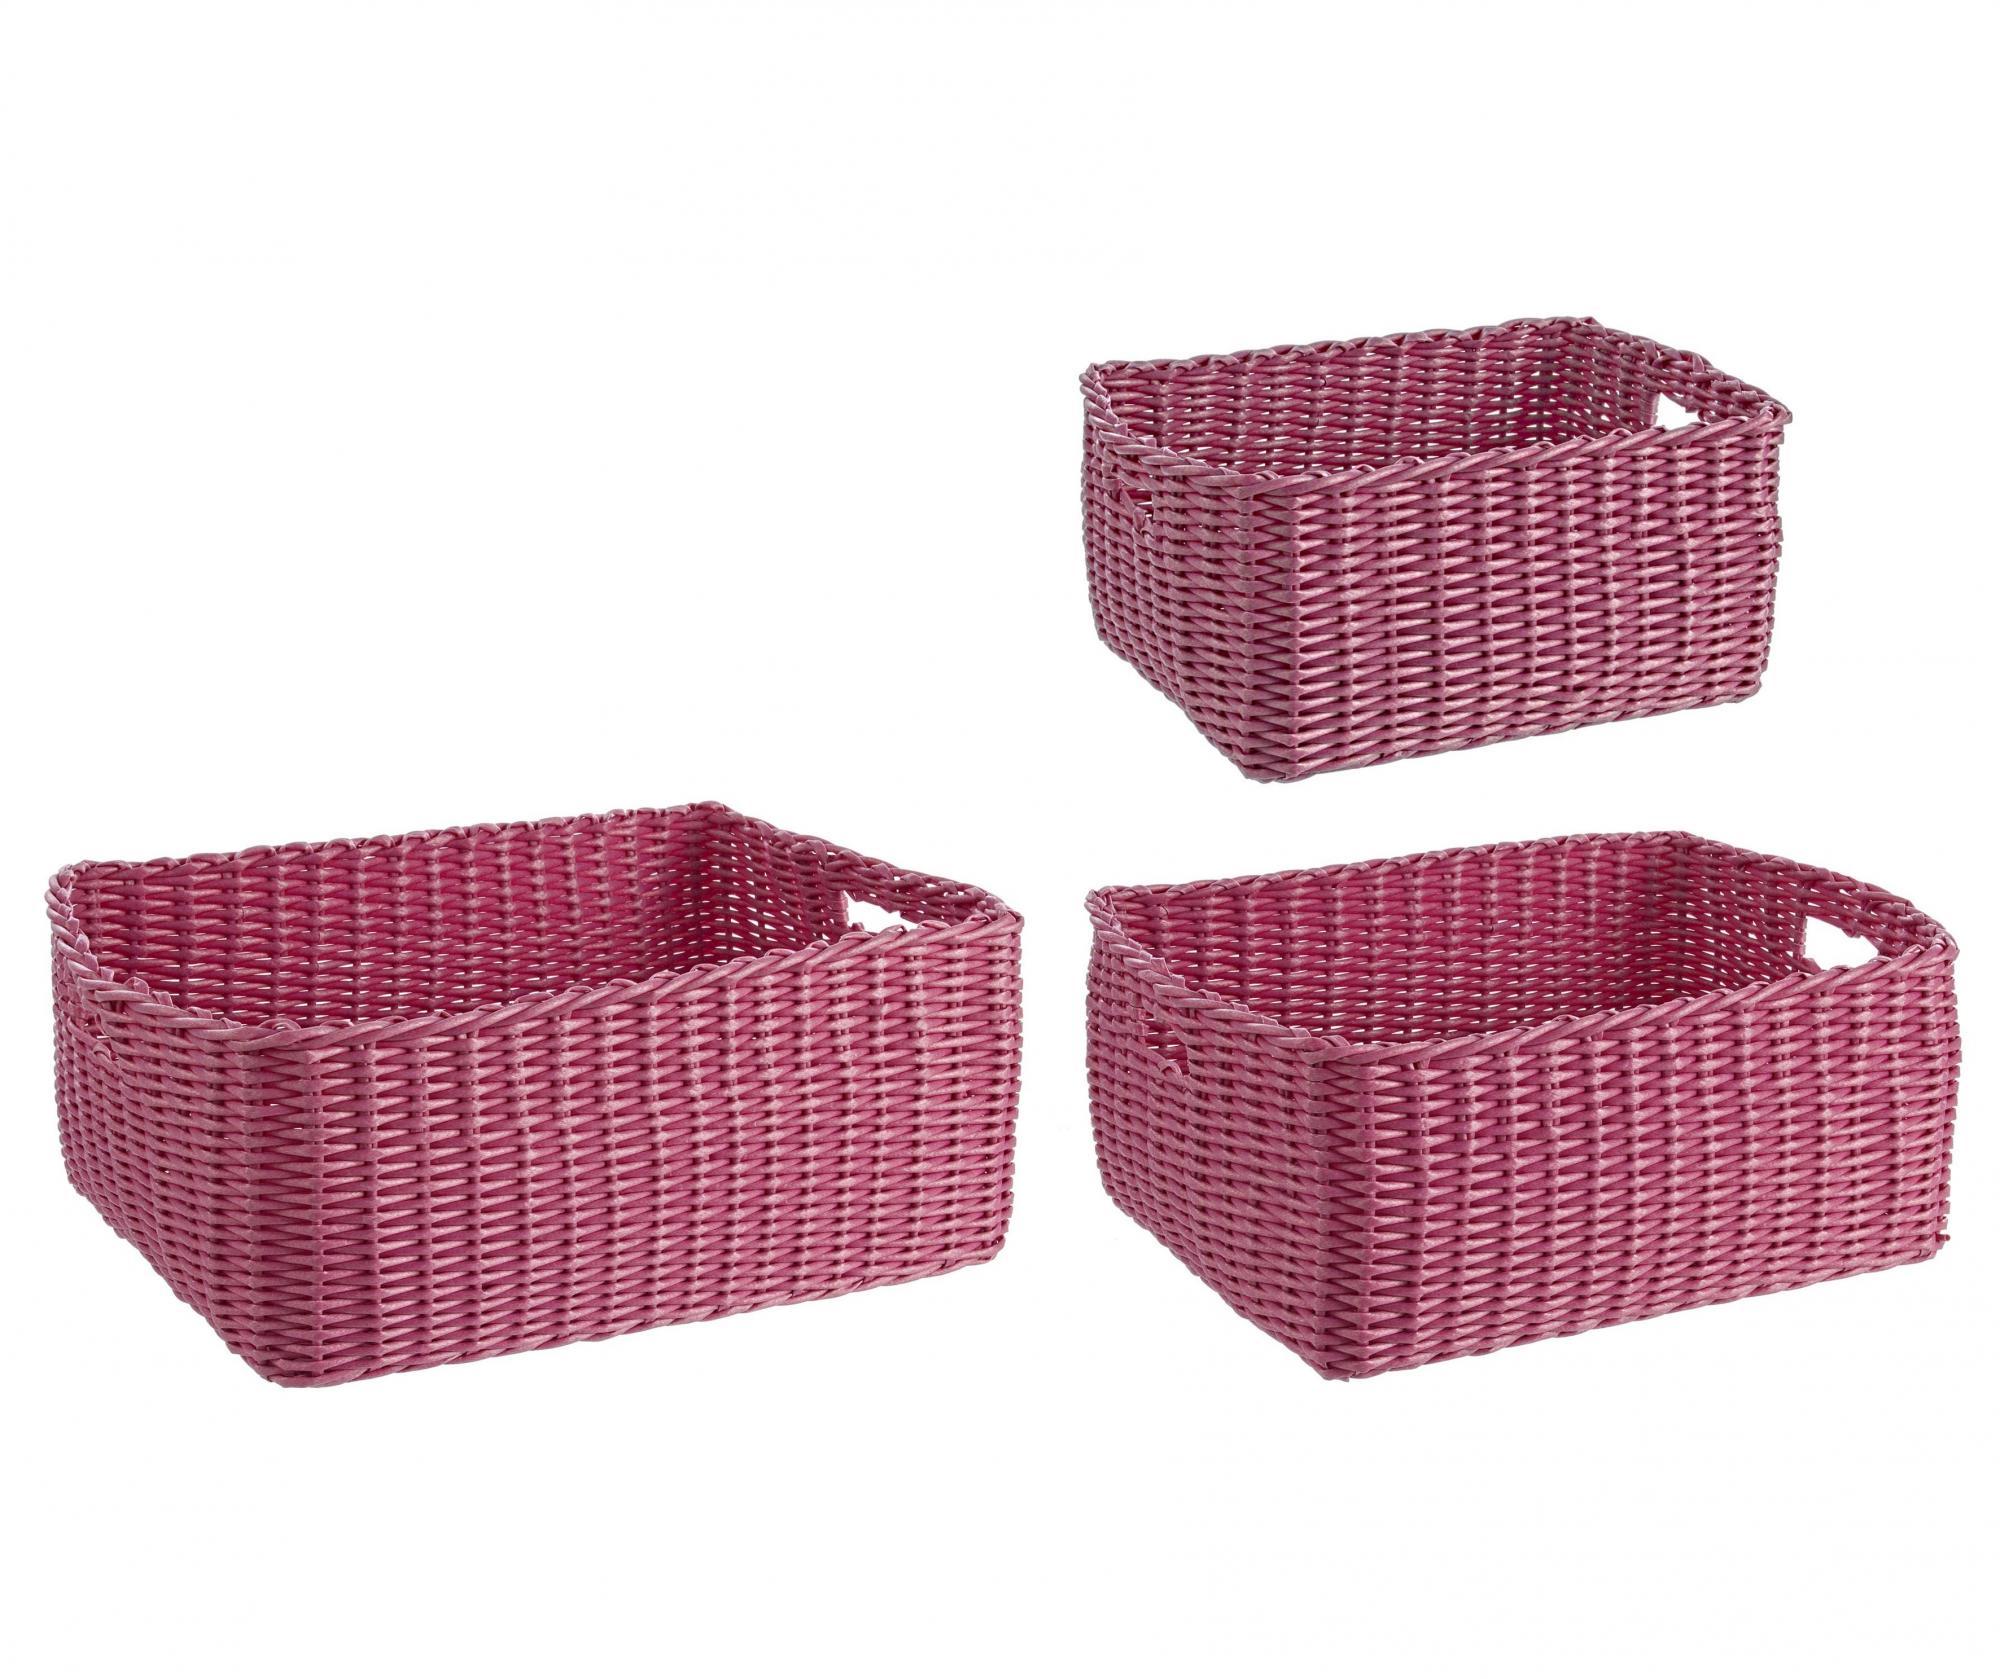 Set 3 cosuri pentru depozitare Electric Rectangular Rose - Bizzotto, Roz imagine vivre.ro